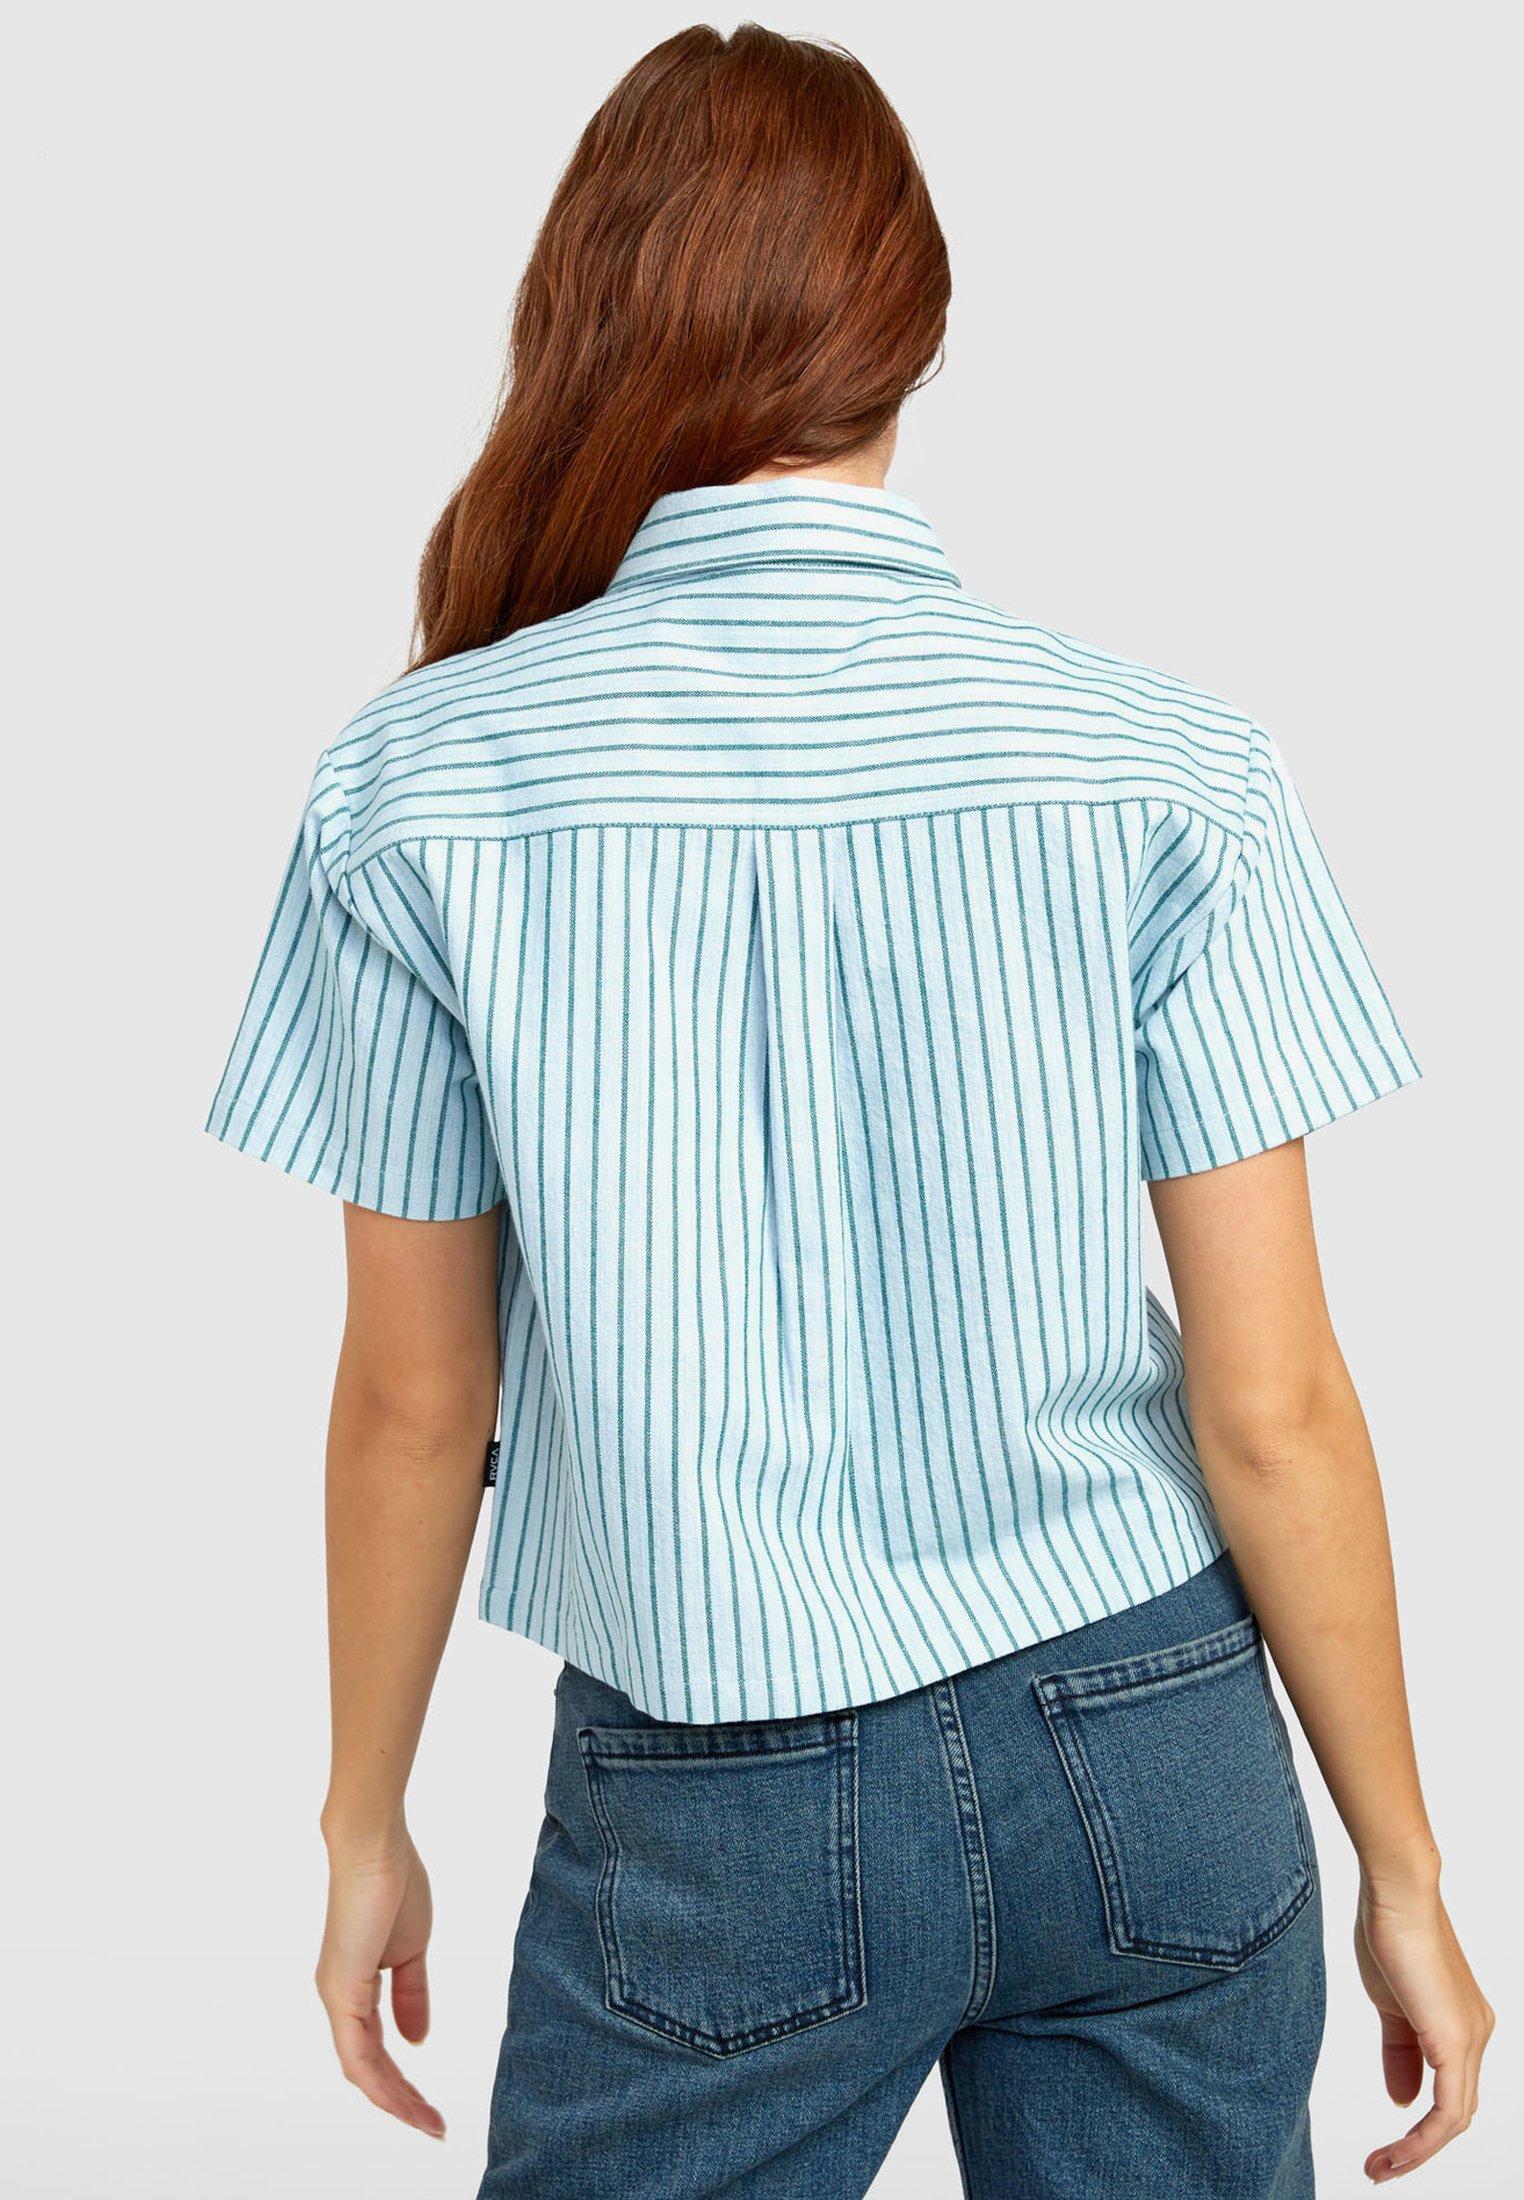 RVCA Overhemdblouse - green stripe - Dameskleding Klassiek